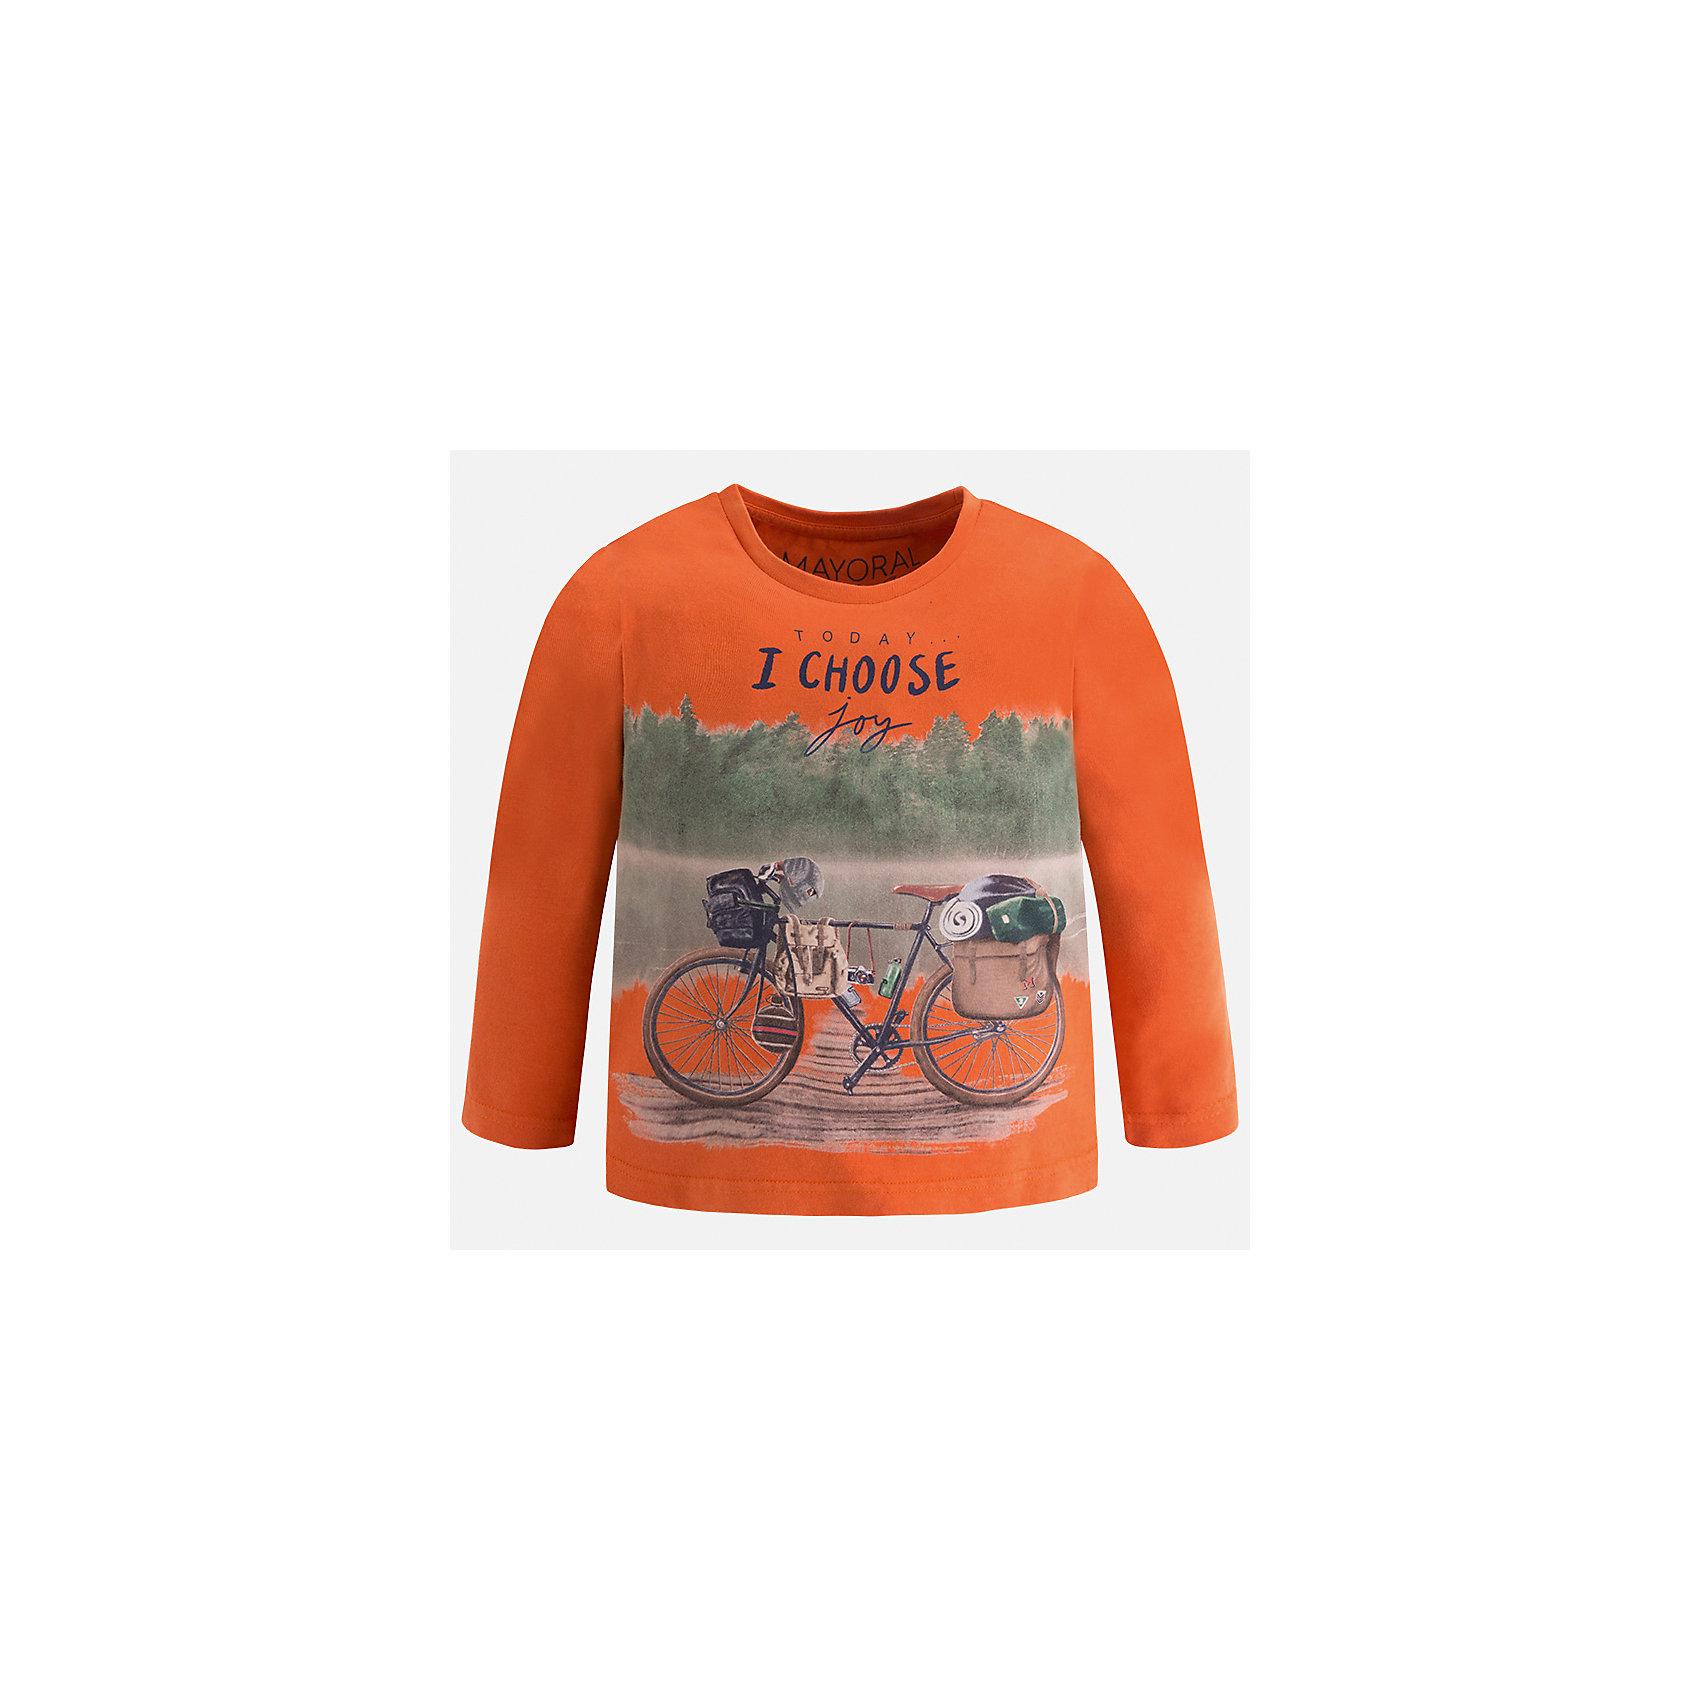 Футболка с длинным рукавом Mayoral для мальчикаФутболки с длинным рукавом<br>Характеристики товара:<br><br>• цвет: оранжевый<br>• состав ткани: 100% хлопок<br>• сезон: демисезон<br>• особенности модели: принт<br>• длинные рукава<br>• страна бренда: Испания<br>• страна изготовитель: Индия<br><br>Яркий детский лонгслив сделан из натуральной хлопковой ткани. Отличный способ обеспечить ребенку тепло и комфорт - надеть детский лонгслив от Mayoral. Оригинальный лонгслив с принтом для мальчика Mayoral удобно сидит по фигуре. Детская футболка с длинным рукавом сшита из приятного на ощупь материала. <br><br>Лонгслив для мальчика Mayoral (Майорал) можно купить в нашем интернет-магазине.<br><br>Ширина мм: 230<br>Глубина мм: 40<br>Высота мм: 220<br>Вес г: 250<br>Цвет: бежевый<br>Возраст от месяцев: 96<br>Возраст до месяцев: 108<br>Пол: Мужской<br>Возраст: Детский<br>Размер: 134,92,98,104,110,116,122,128<br>SKU: 6935711